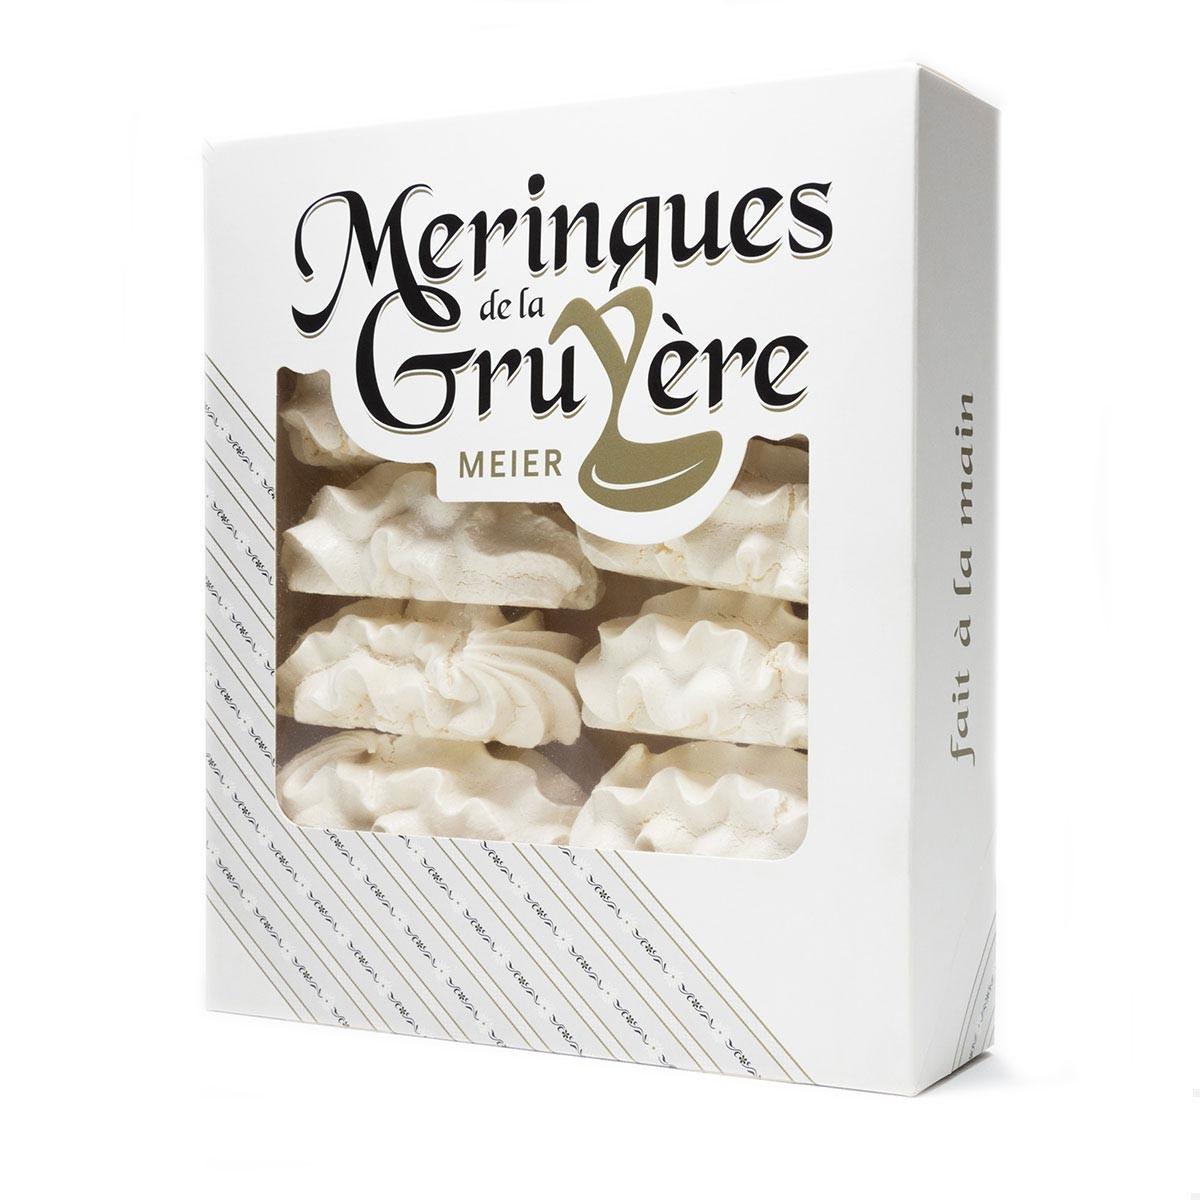 MERINGUES Meier 12 pièces